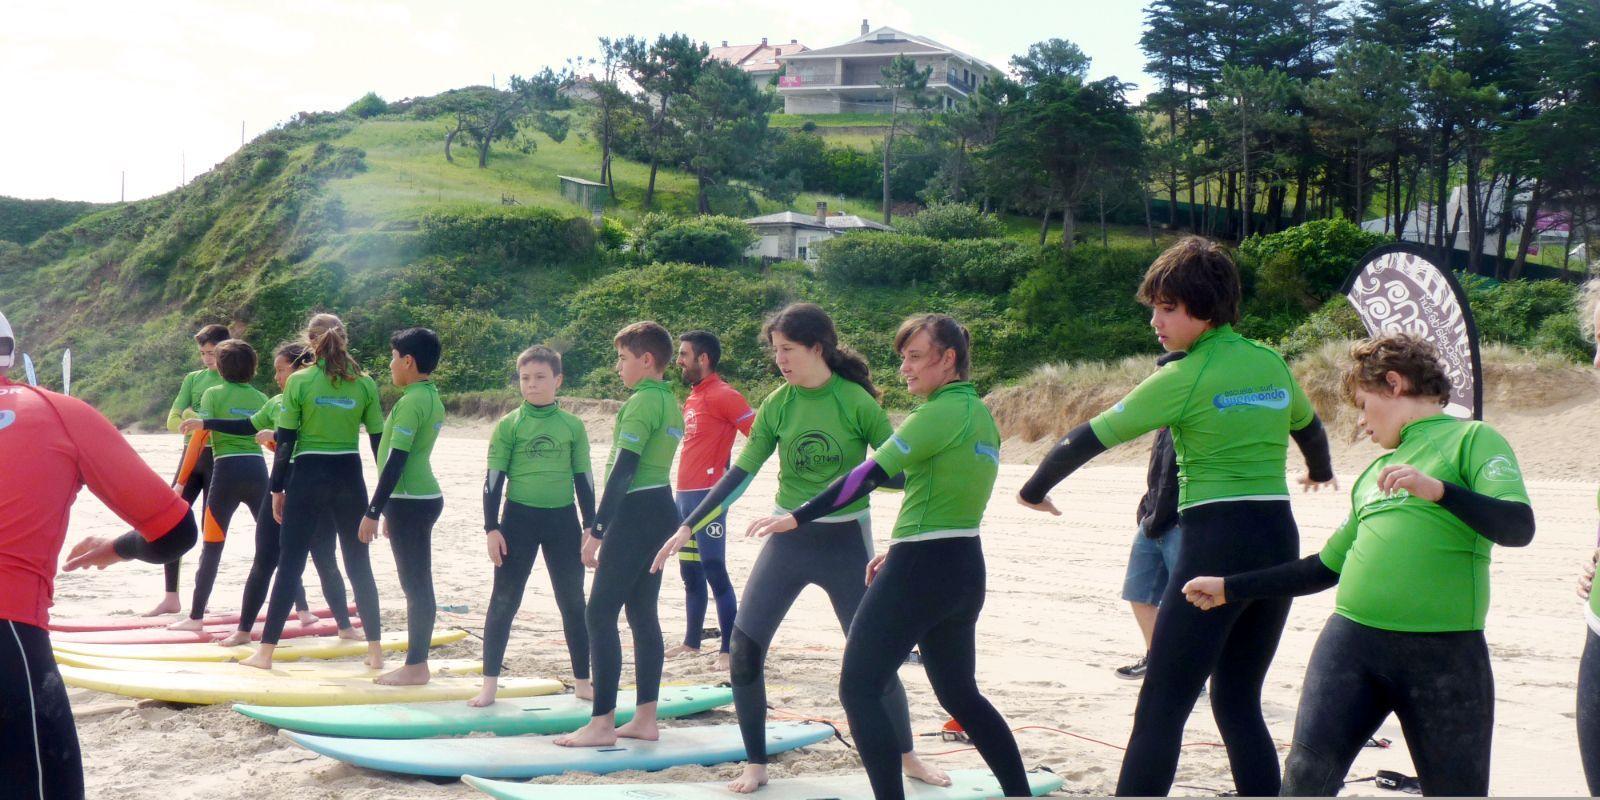 Técnica de surf en el campamento de San Vicente de la Barquera